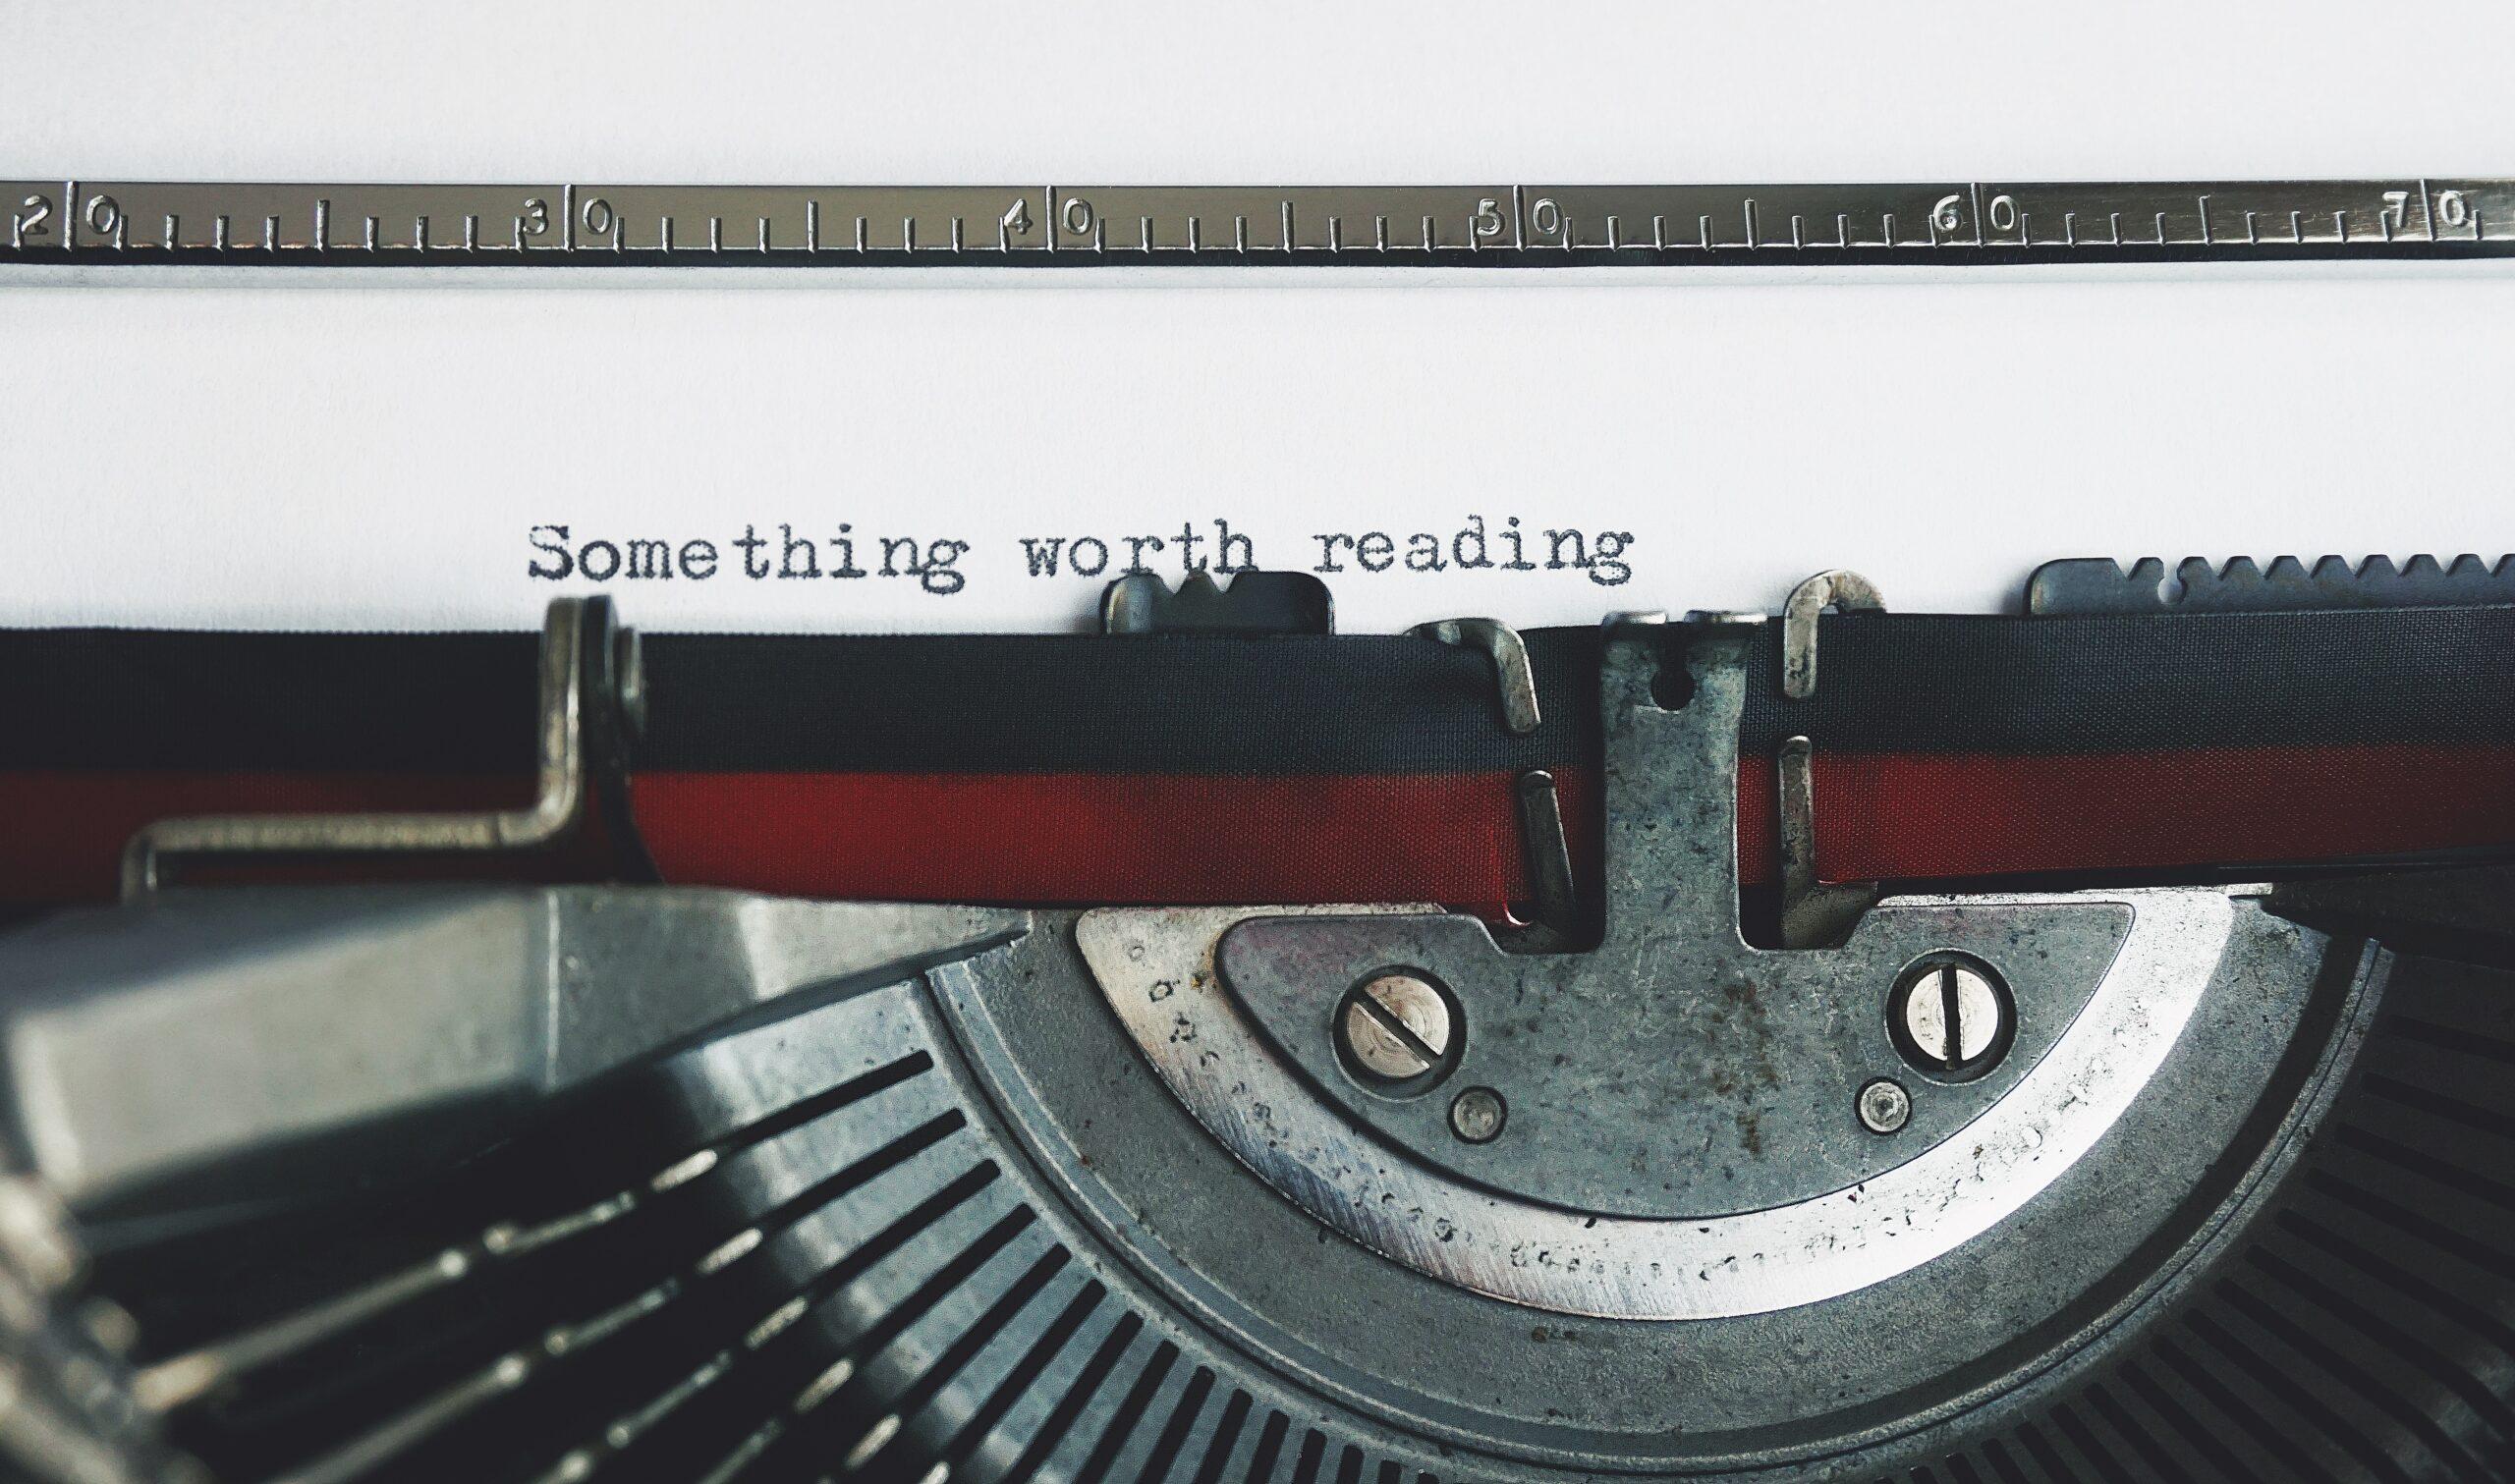 Typewriter - Rachel Writes blog writing service